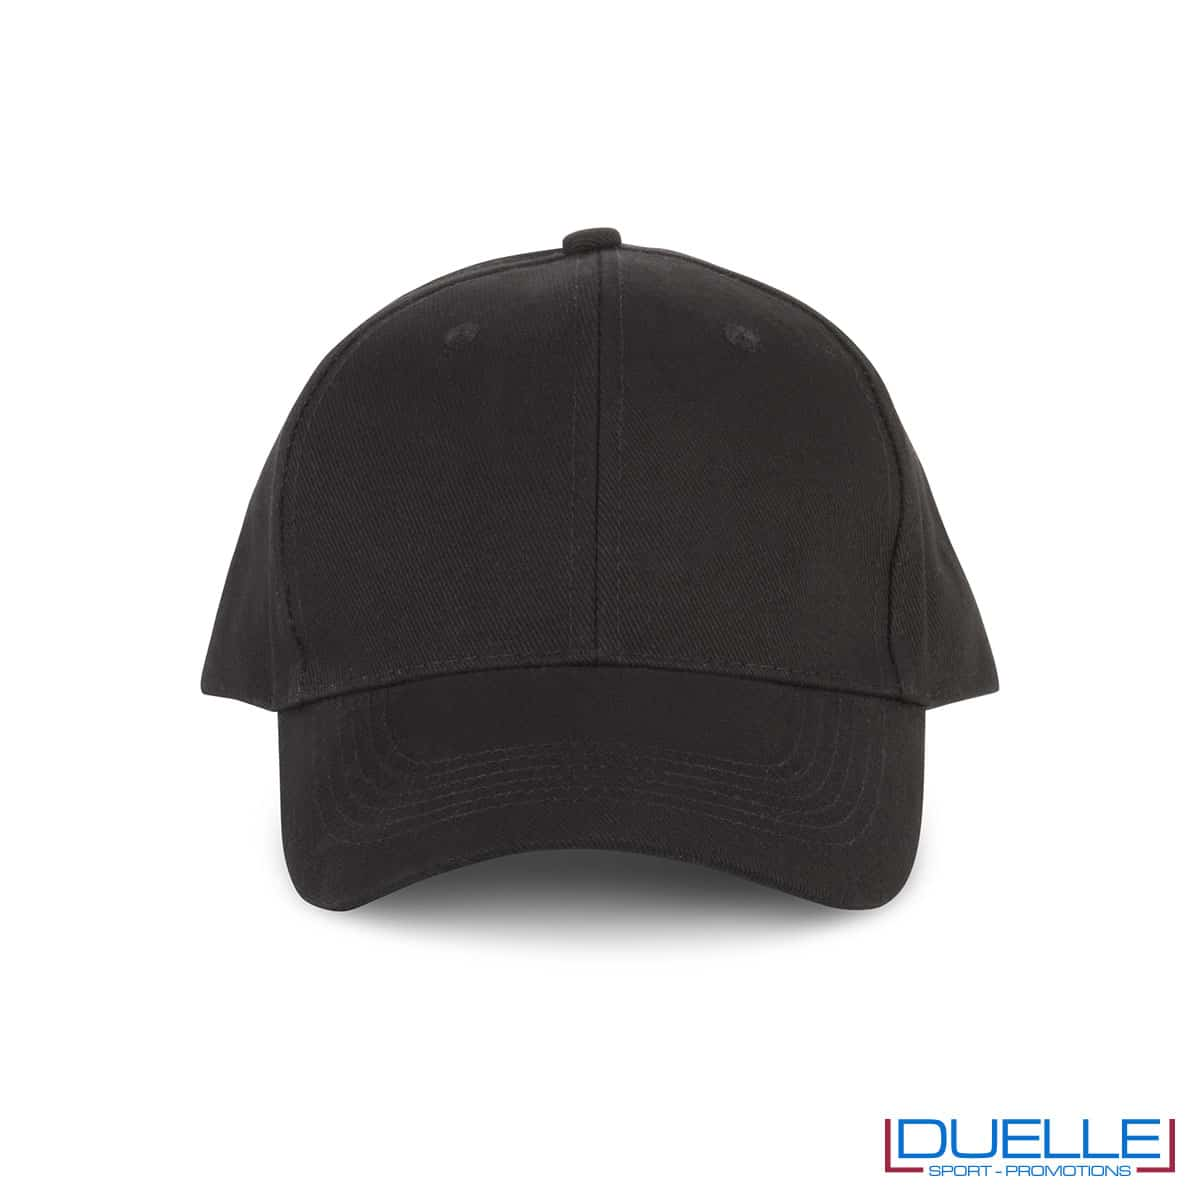 Cappellino in cotone biologico personalizzato con ricamo colore nero